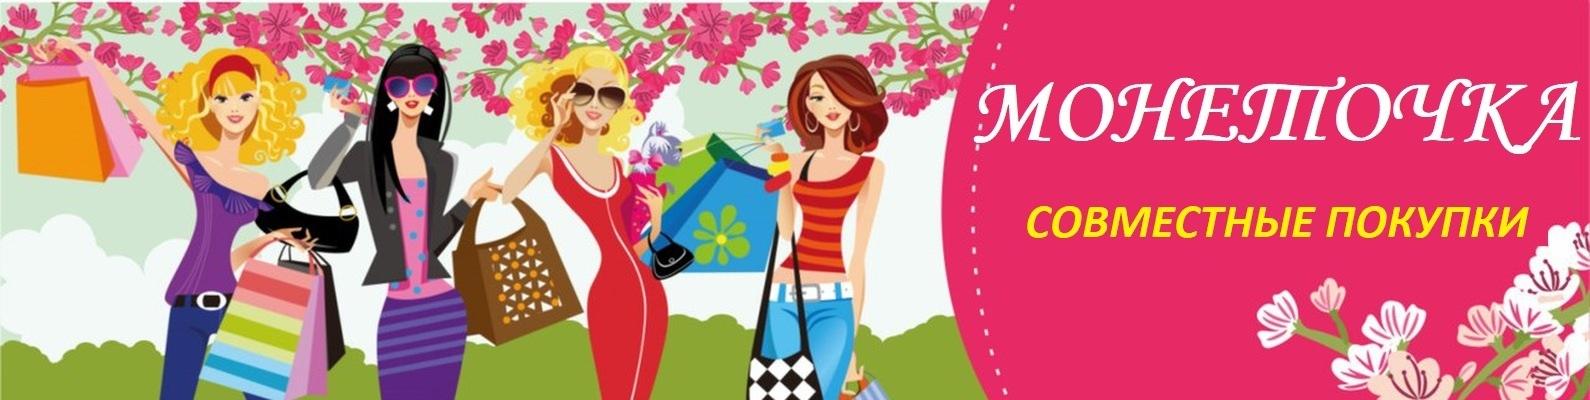 Совместные покупки картинки для обложки